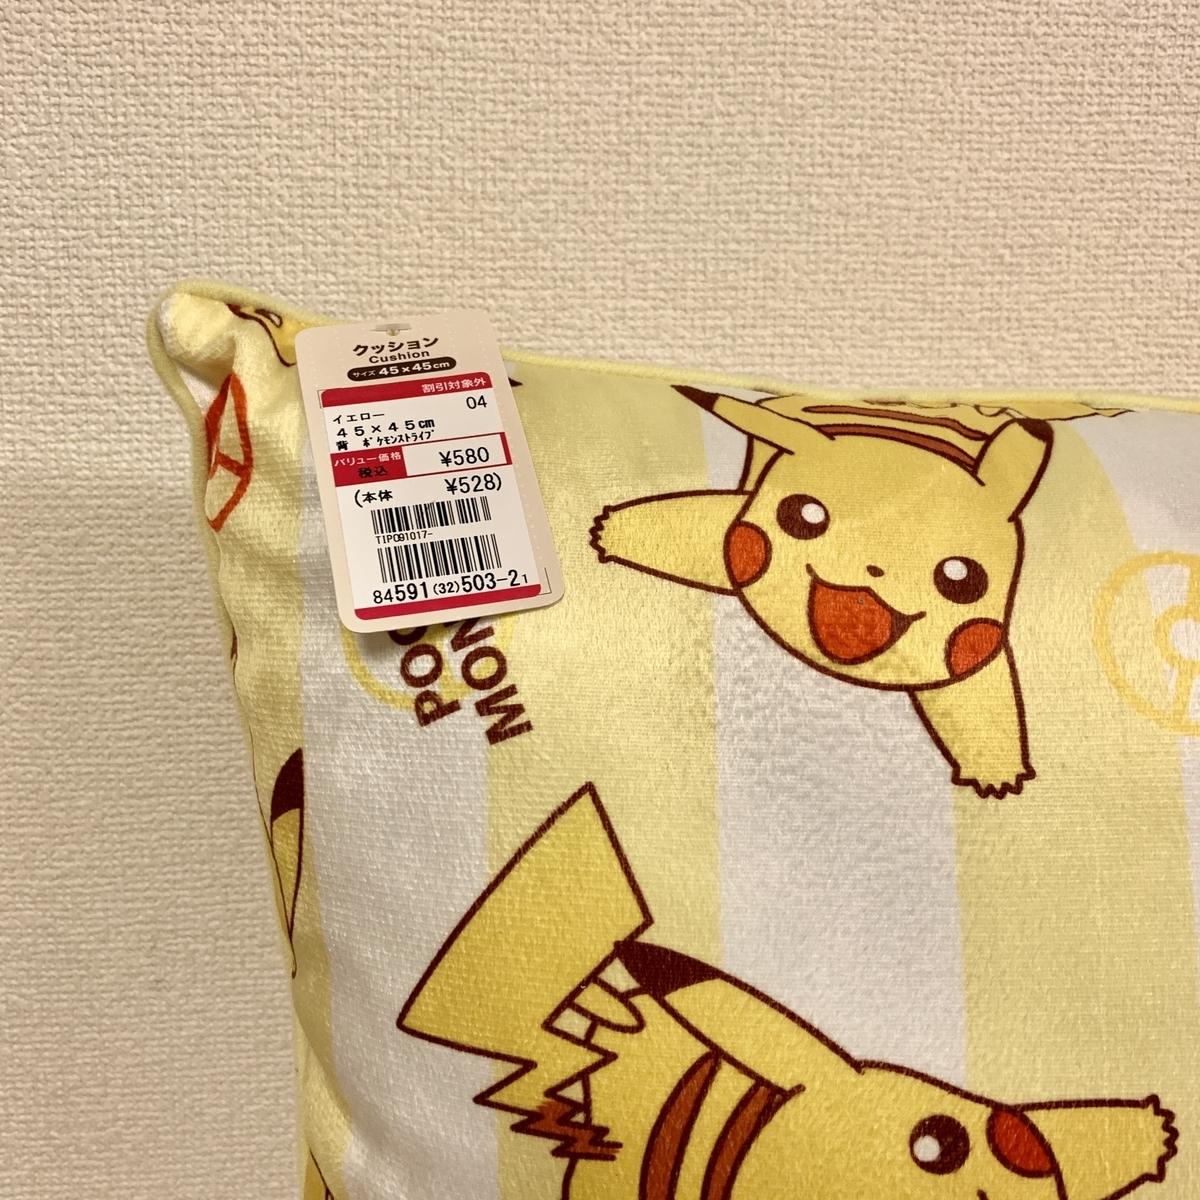 f:id:pikachu_pcn:20200131230943j:plain